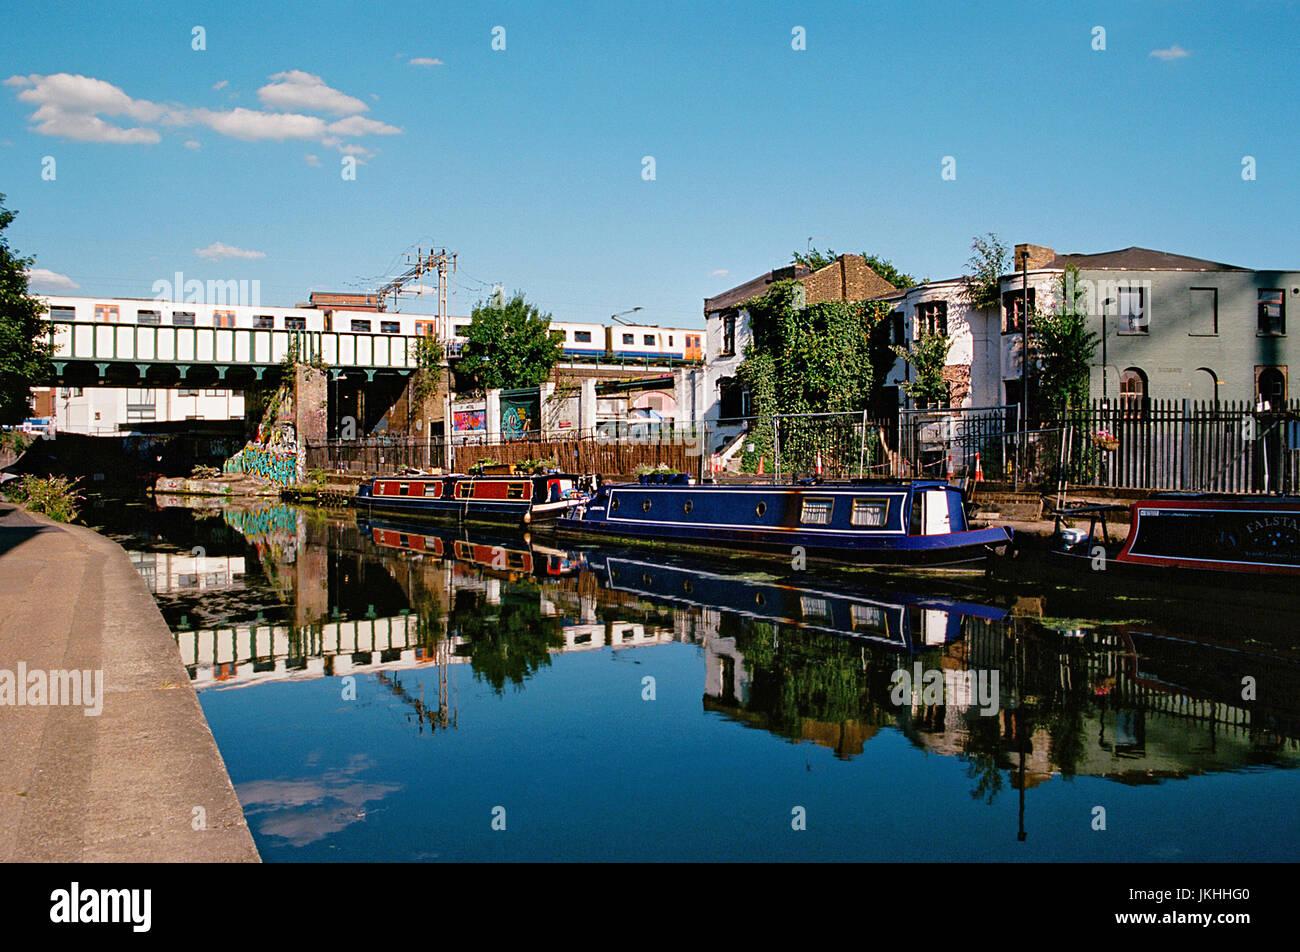 Le Regents Canal près de South London, East London, Great Brirain Photo Stock